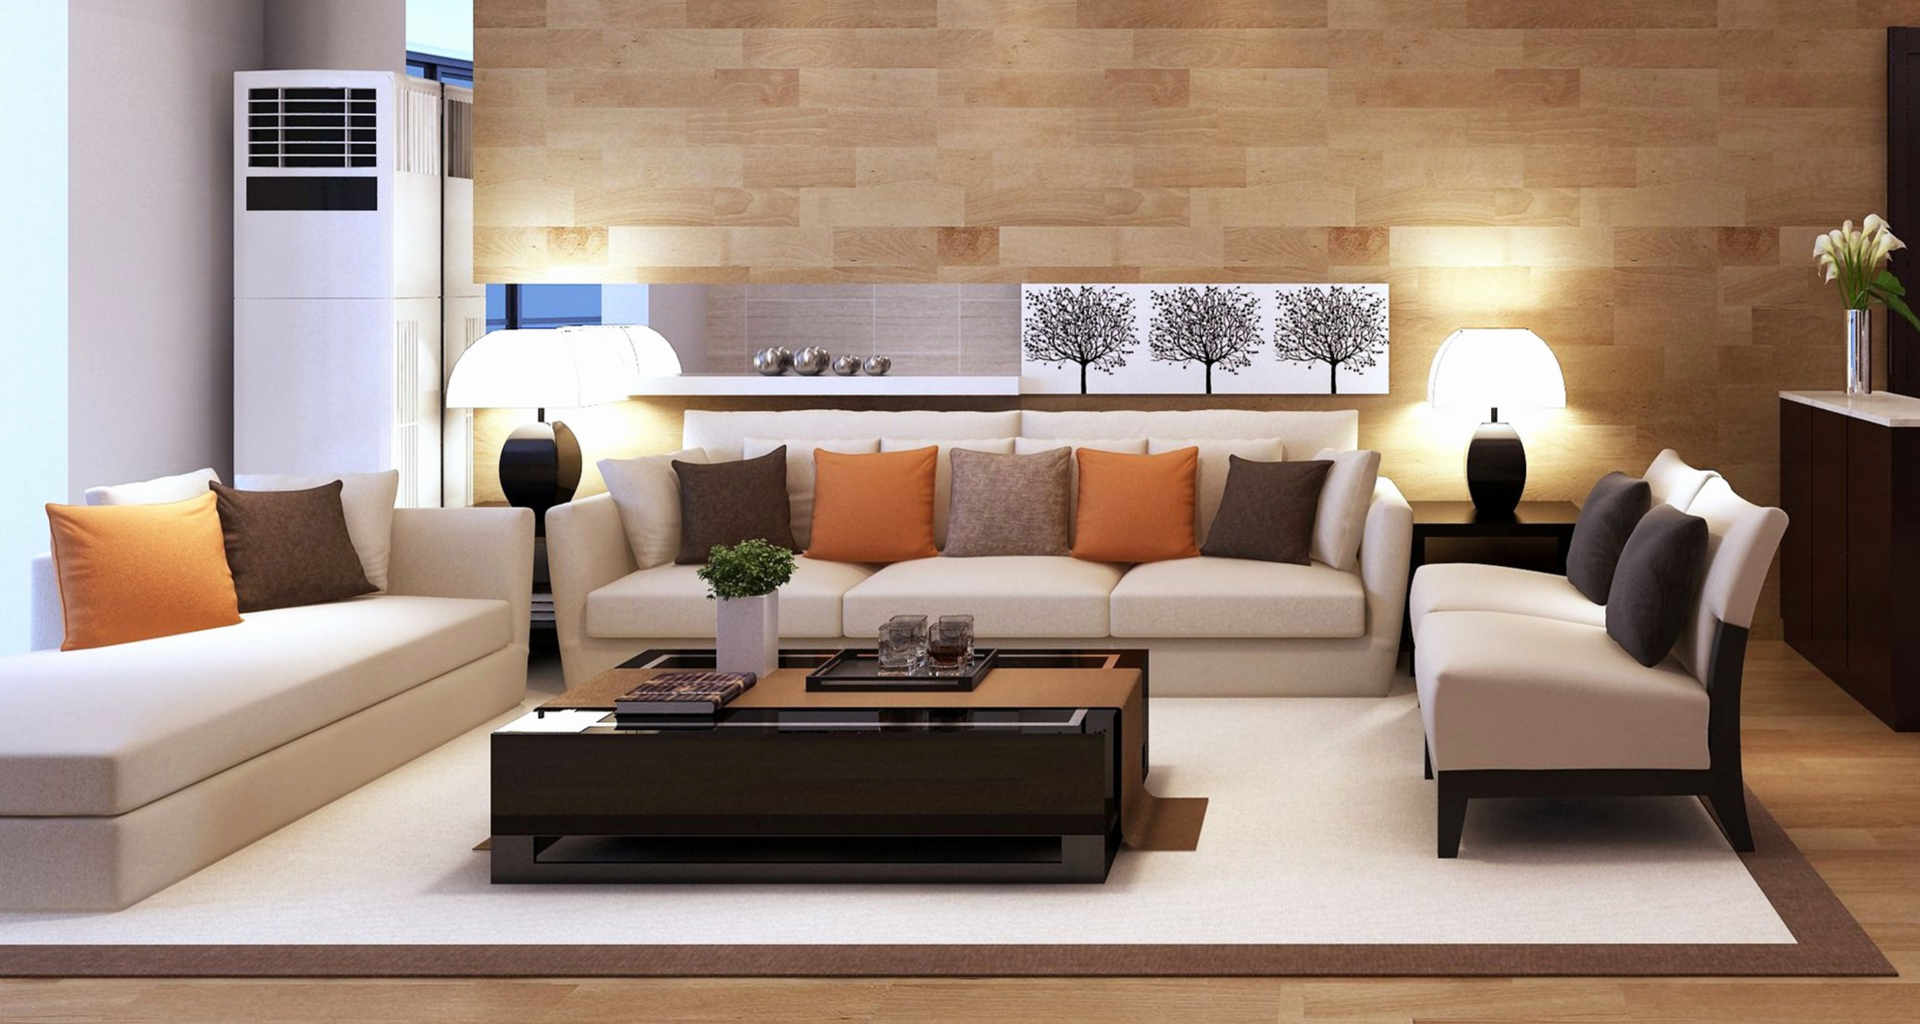 Iščete strokovnjaka za interier / notranje oblikovanje? Pomagali vam bomo najti pravega strokovnjaka za interier / notranje oblikovanje